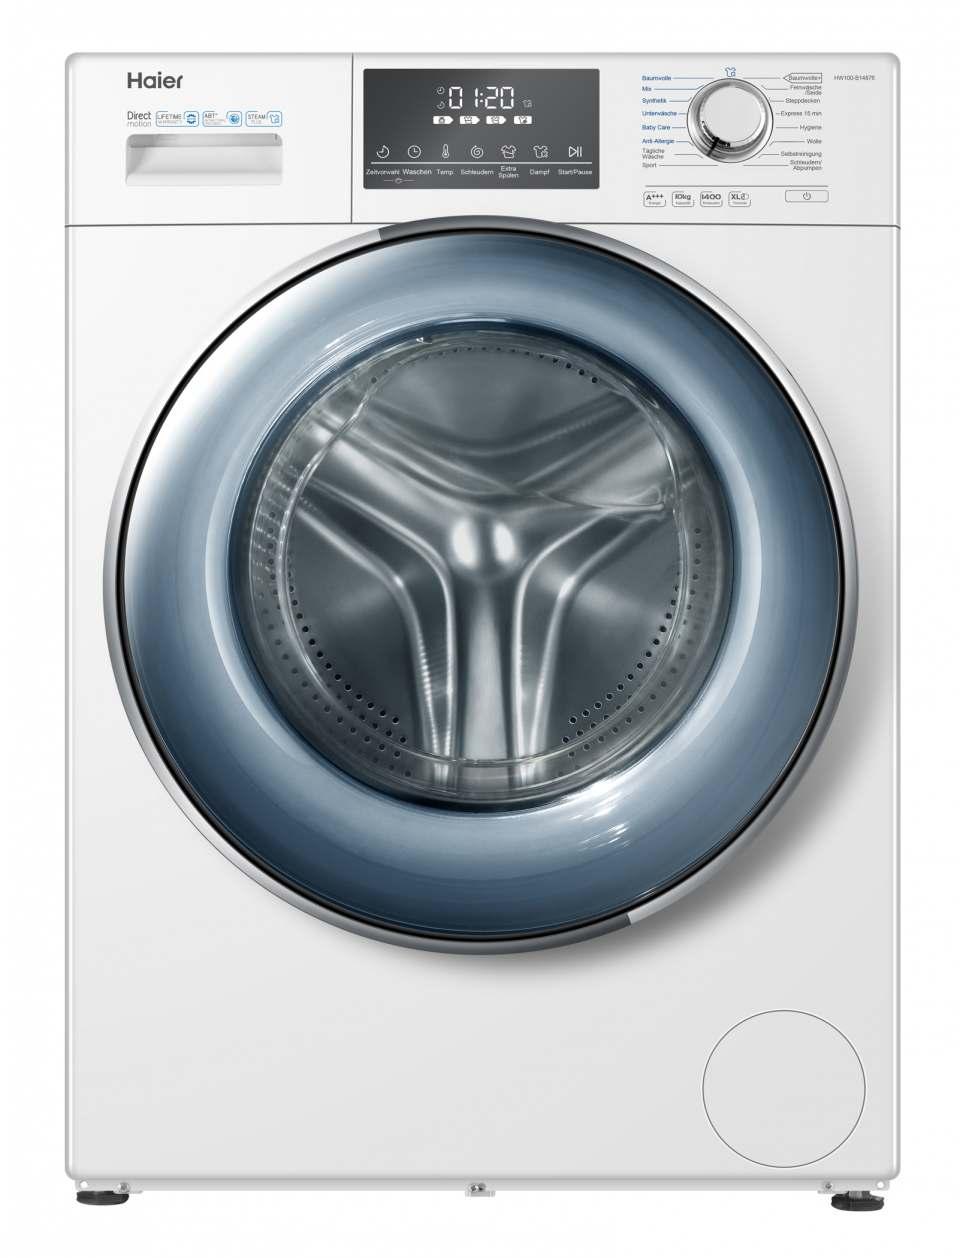 Haier Waschmaschine HW100-B14876 mit 10 kg Fassungsvermögen.